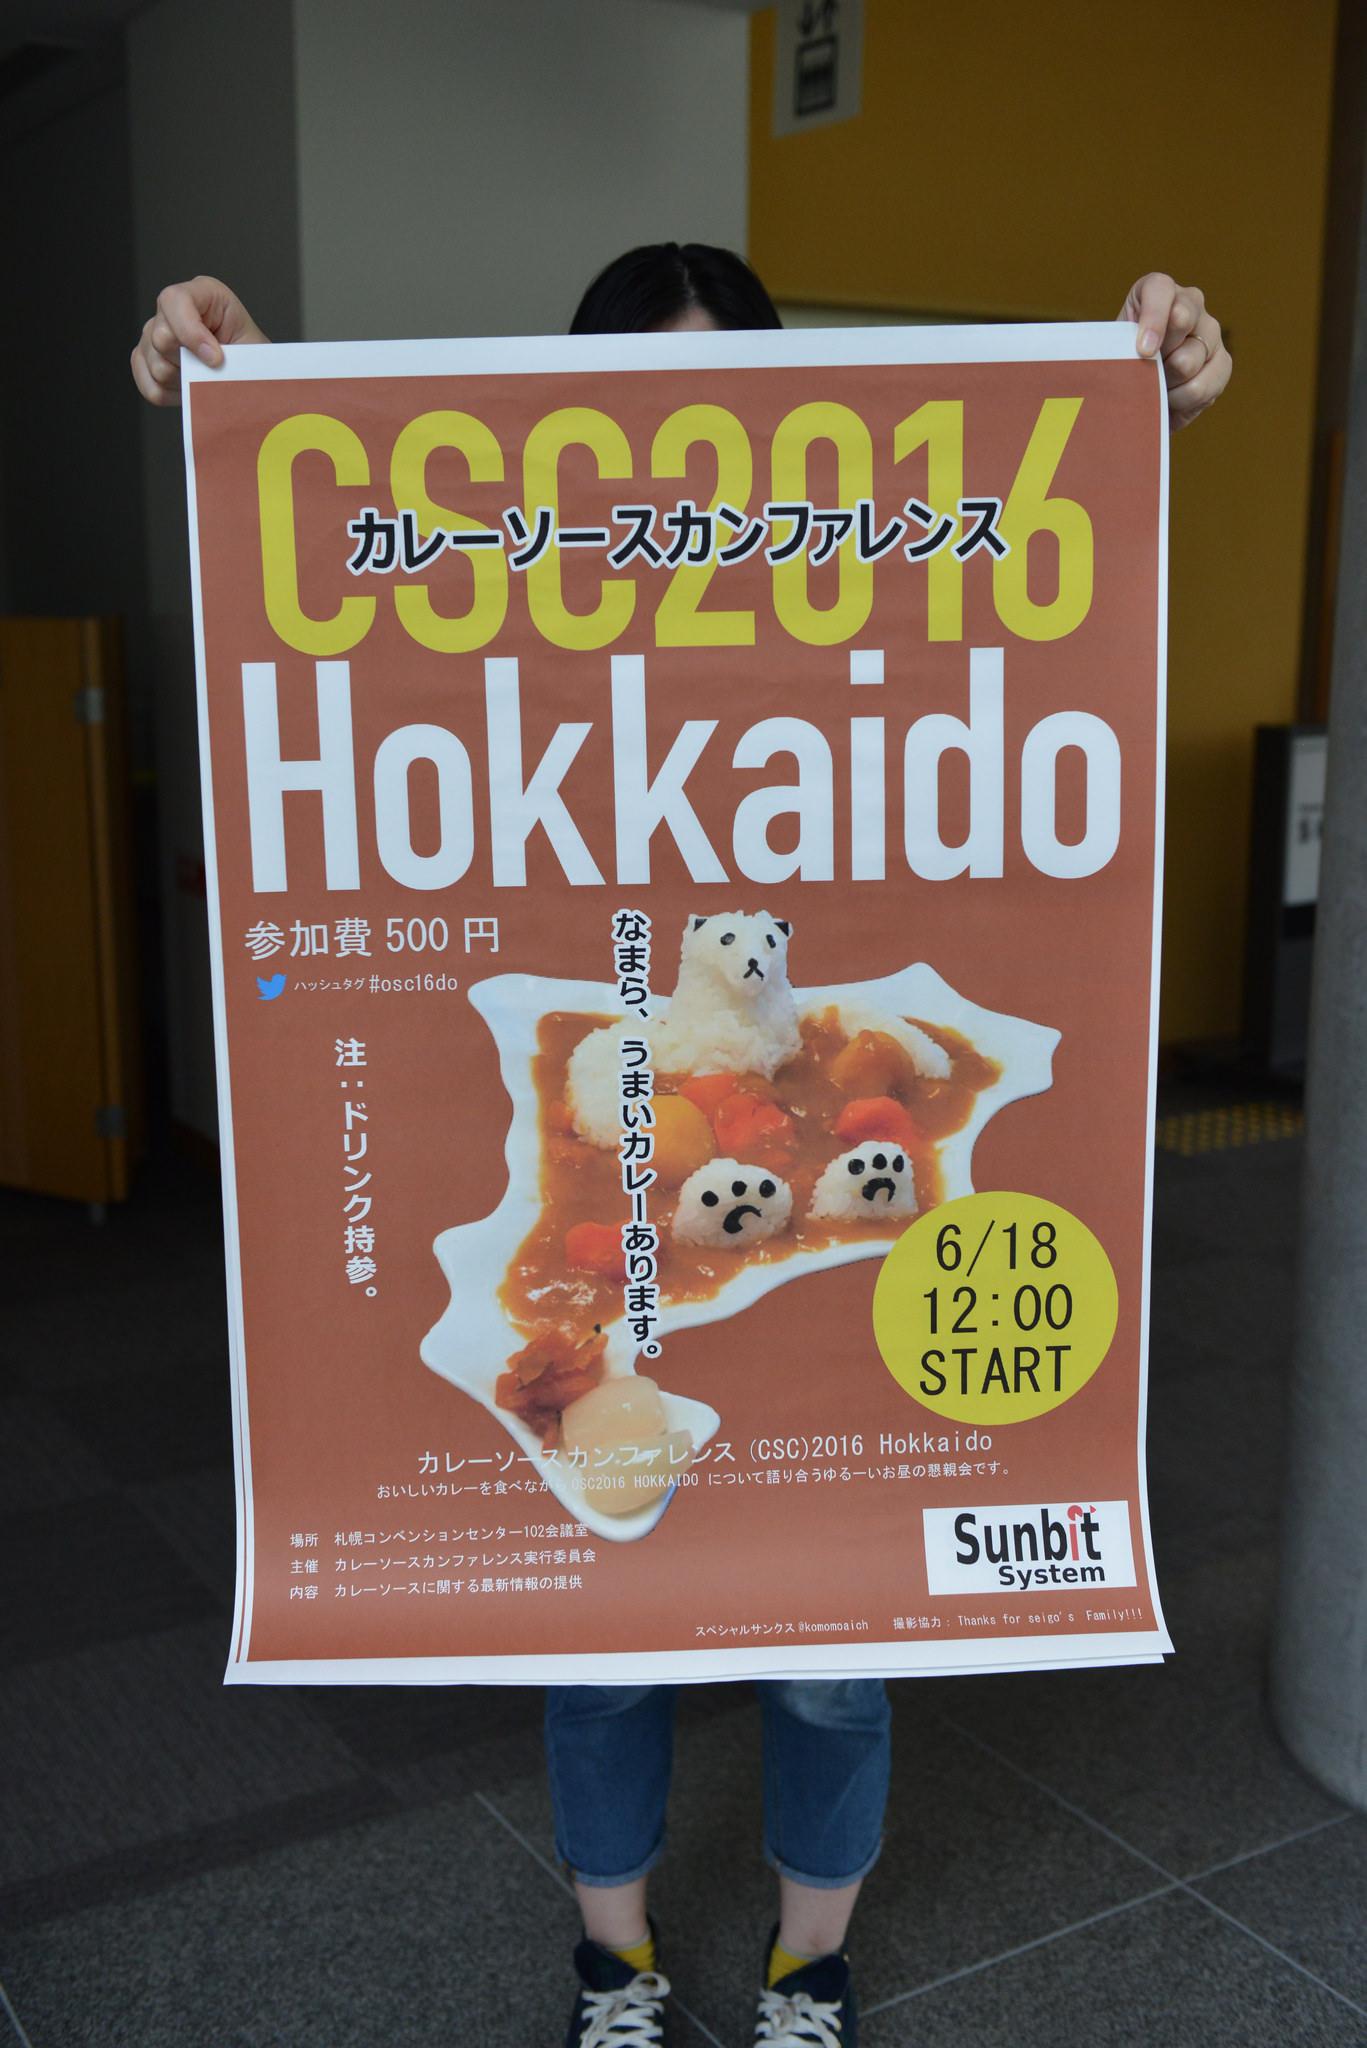 カレーカンファレンスのポスター!かわいい!!